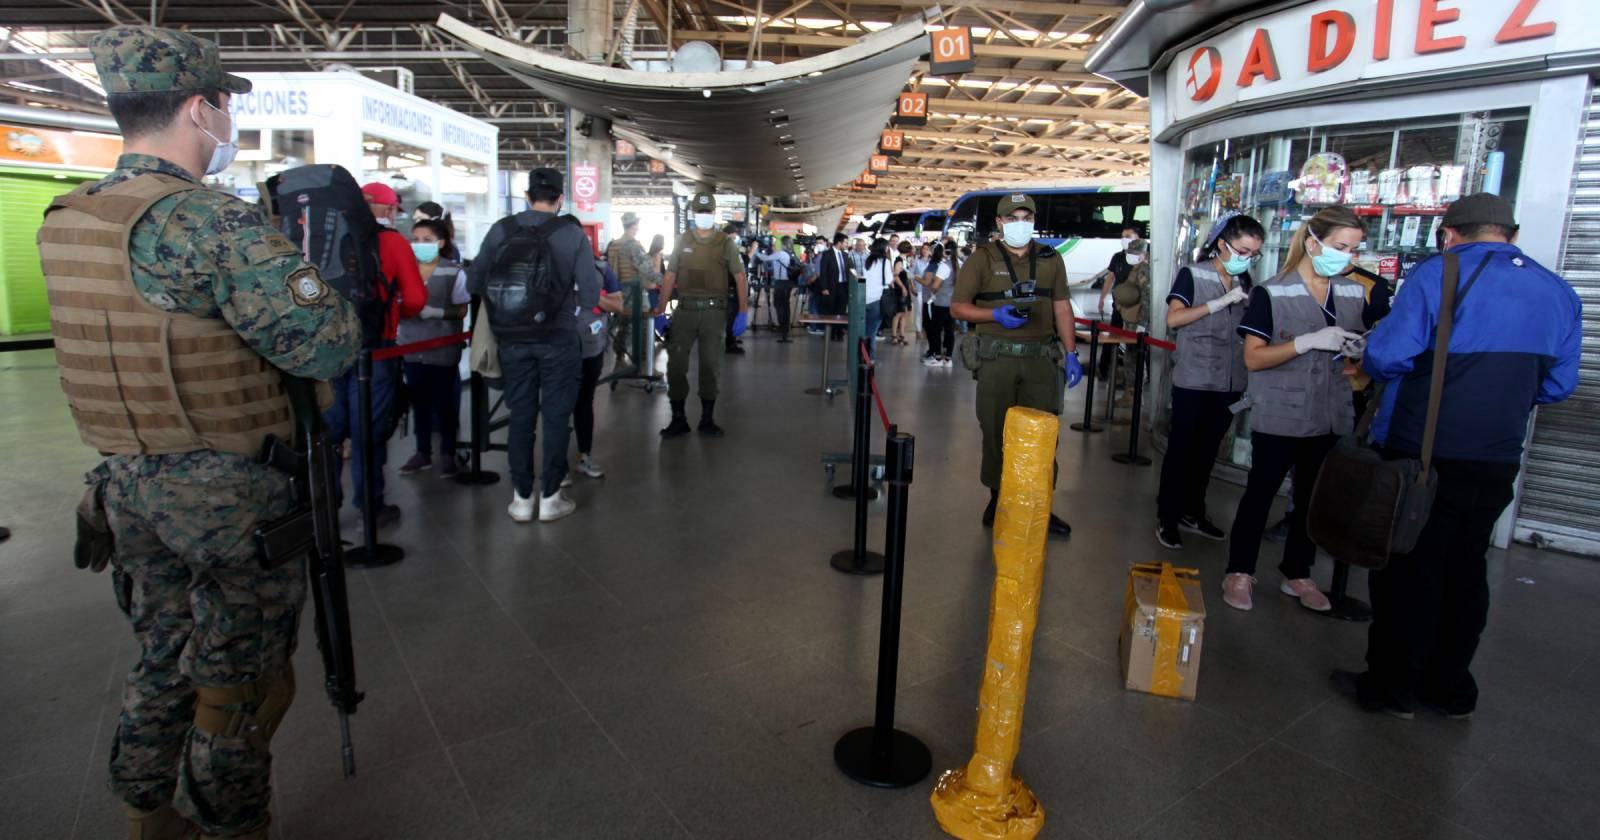 Terminal San Borja: sujeto contagiado con COVID-19 intentó viajar a Valdivia